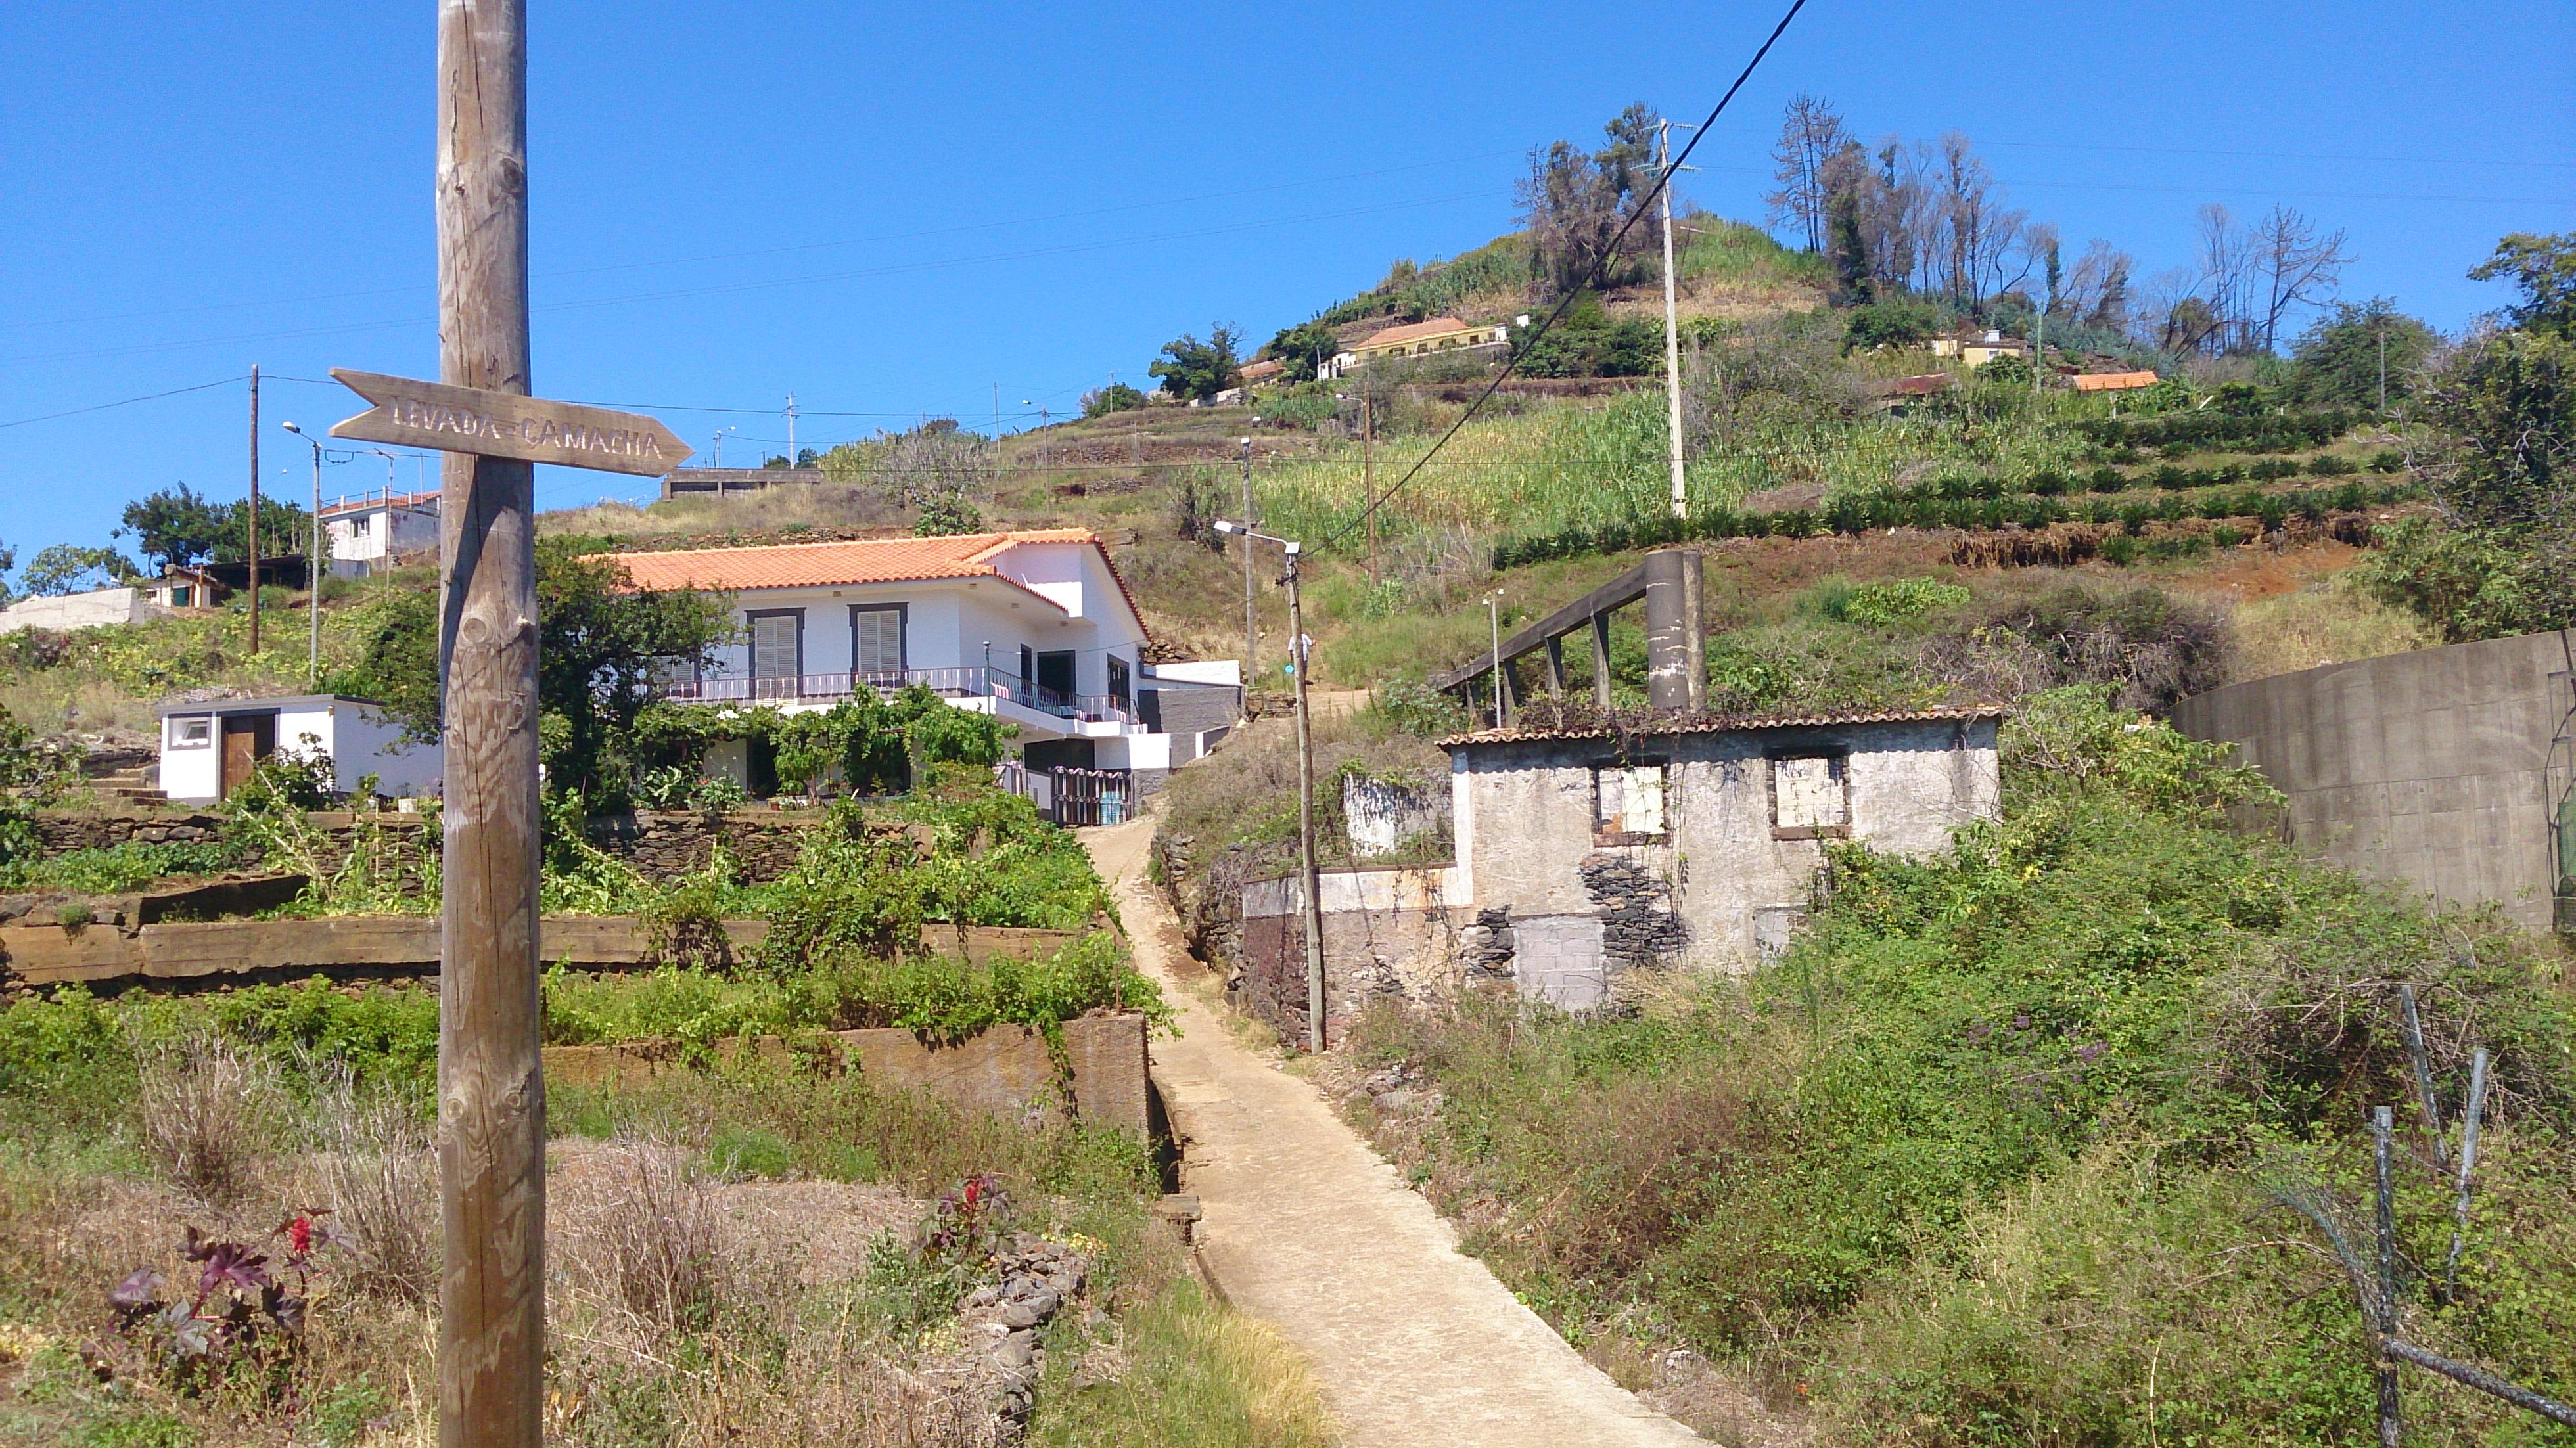 Ein Holzschild in Assomada weist den Weg zur Levada, die nach Camacha führt